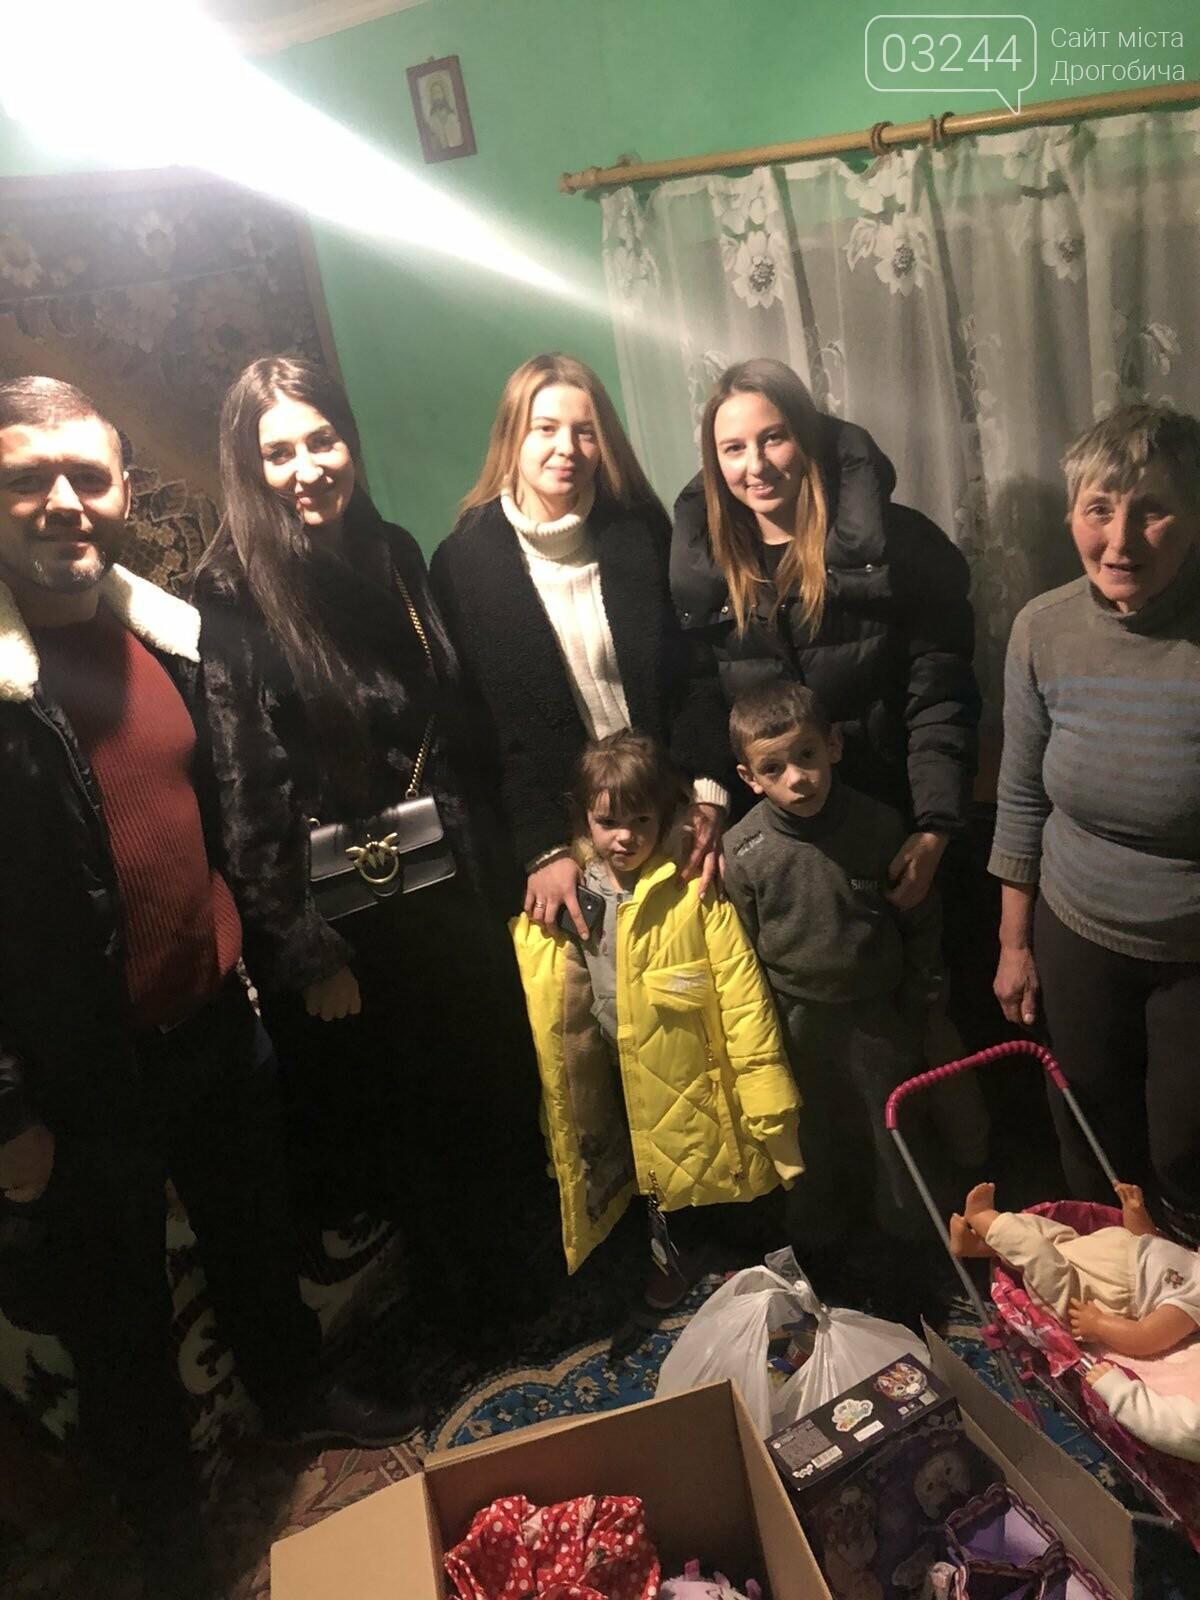 «Є сім'ї, які потребують не дорогих телефонів, а їжі та одягу», - Катя Максимова про благочинну акцію для потребуючих родин, фото-13